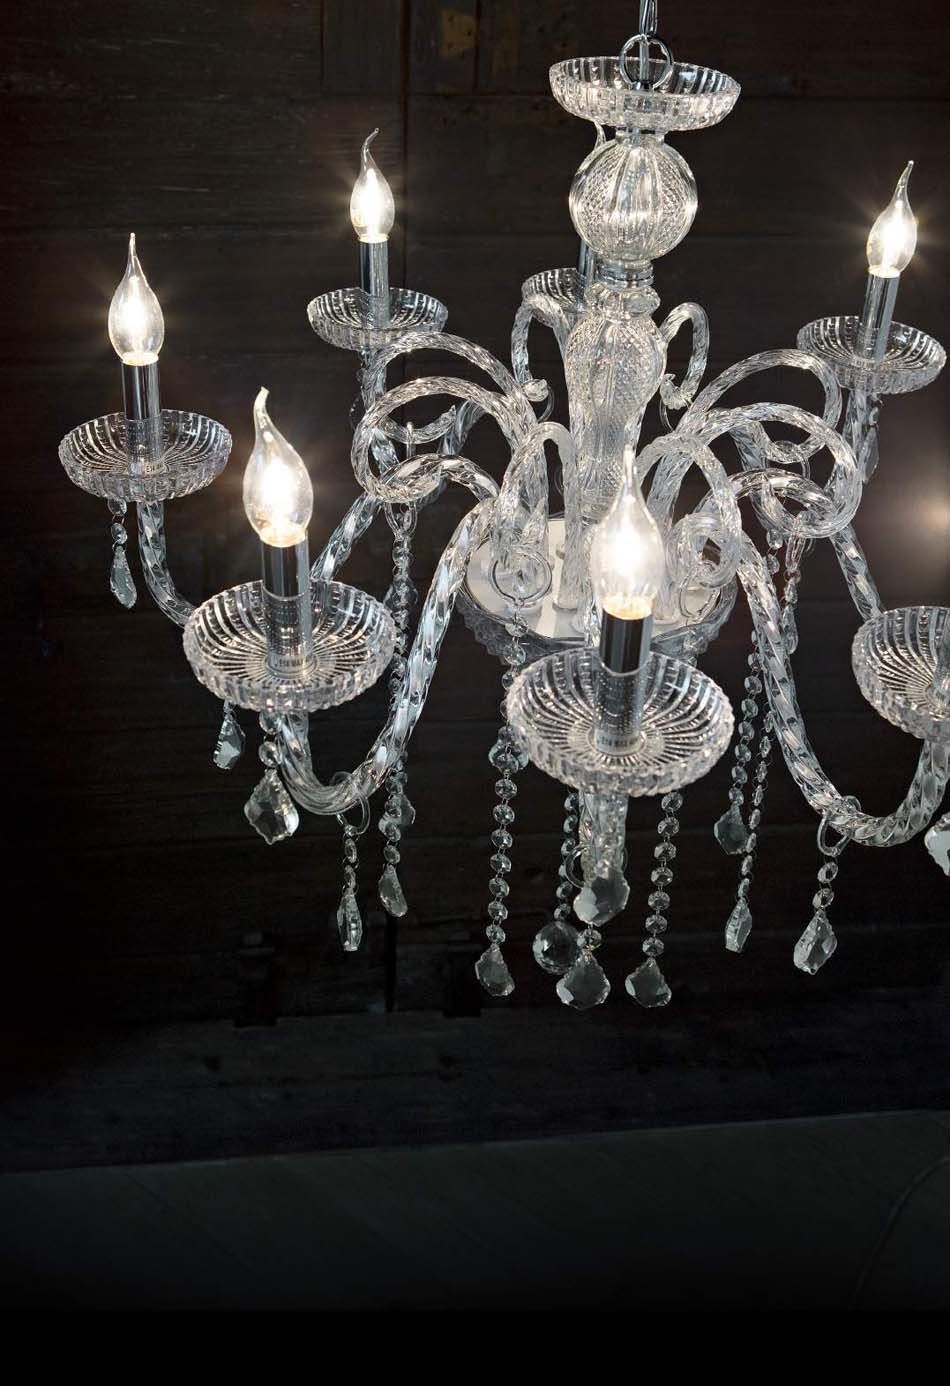 Lampade 25 sospensione Classico Ideal Lux Giudecca – Bruni Arredamenti